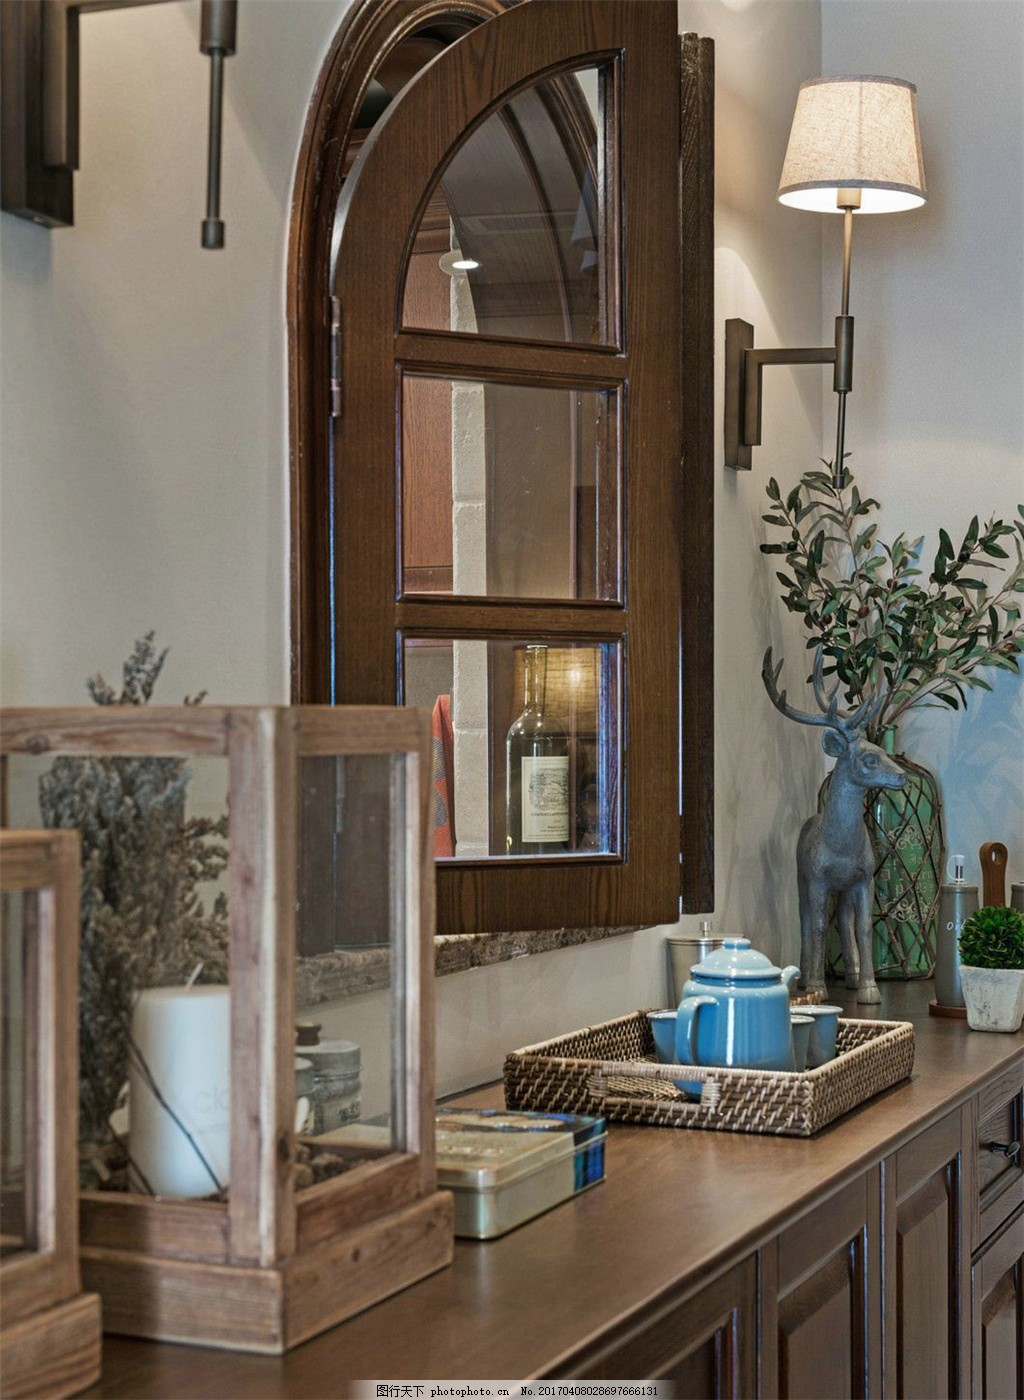 美式复古餐厅窗户设计图 家居 家居生活 室内设计 装修 家具 装修设计图片